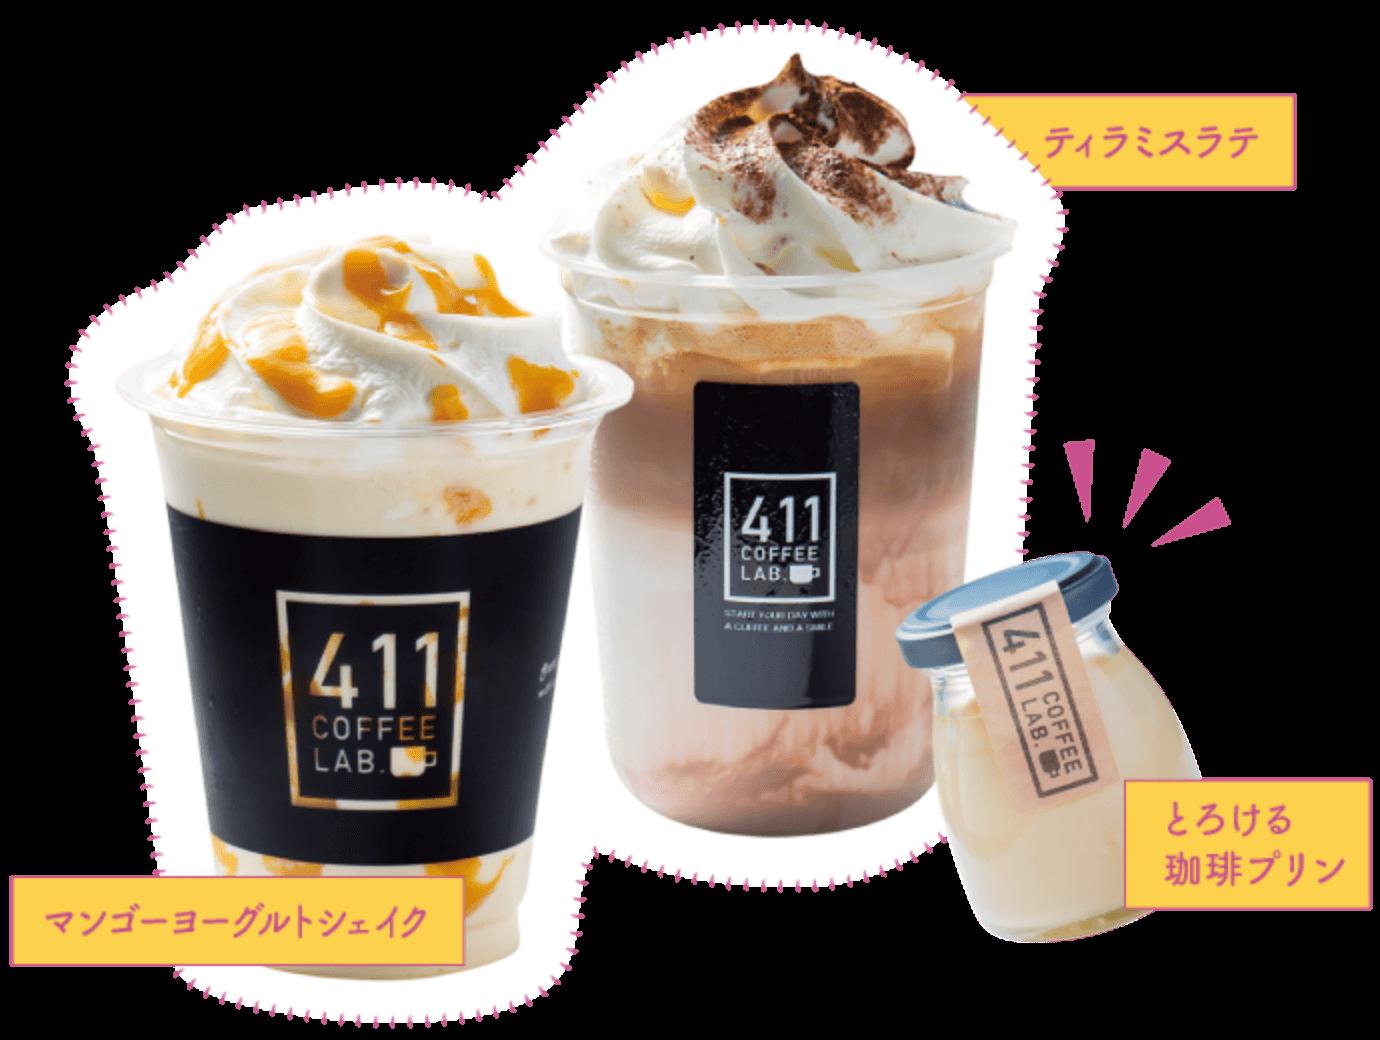 411 COFFEE LAB.の「マンゴーヨーグルト」、「ティラミスラテ」、「とろける珈琲プリン」